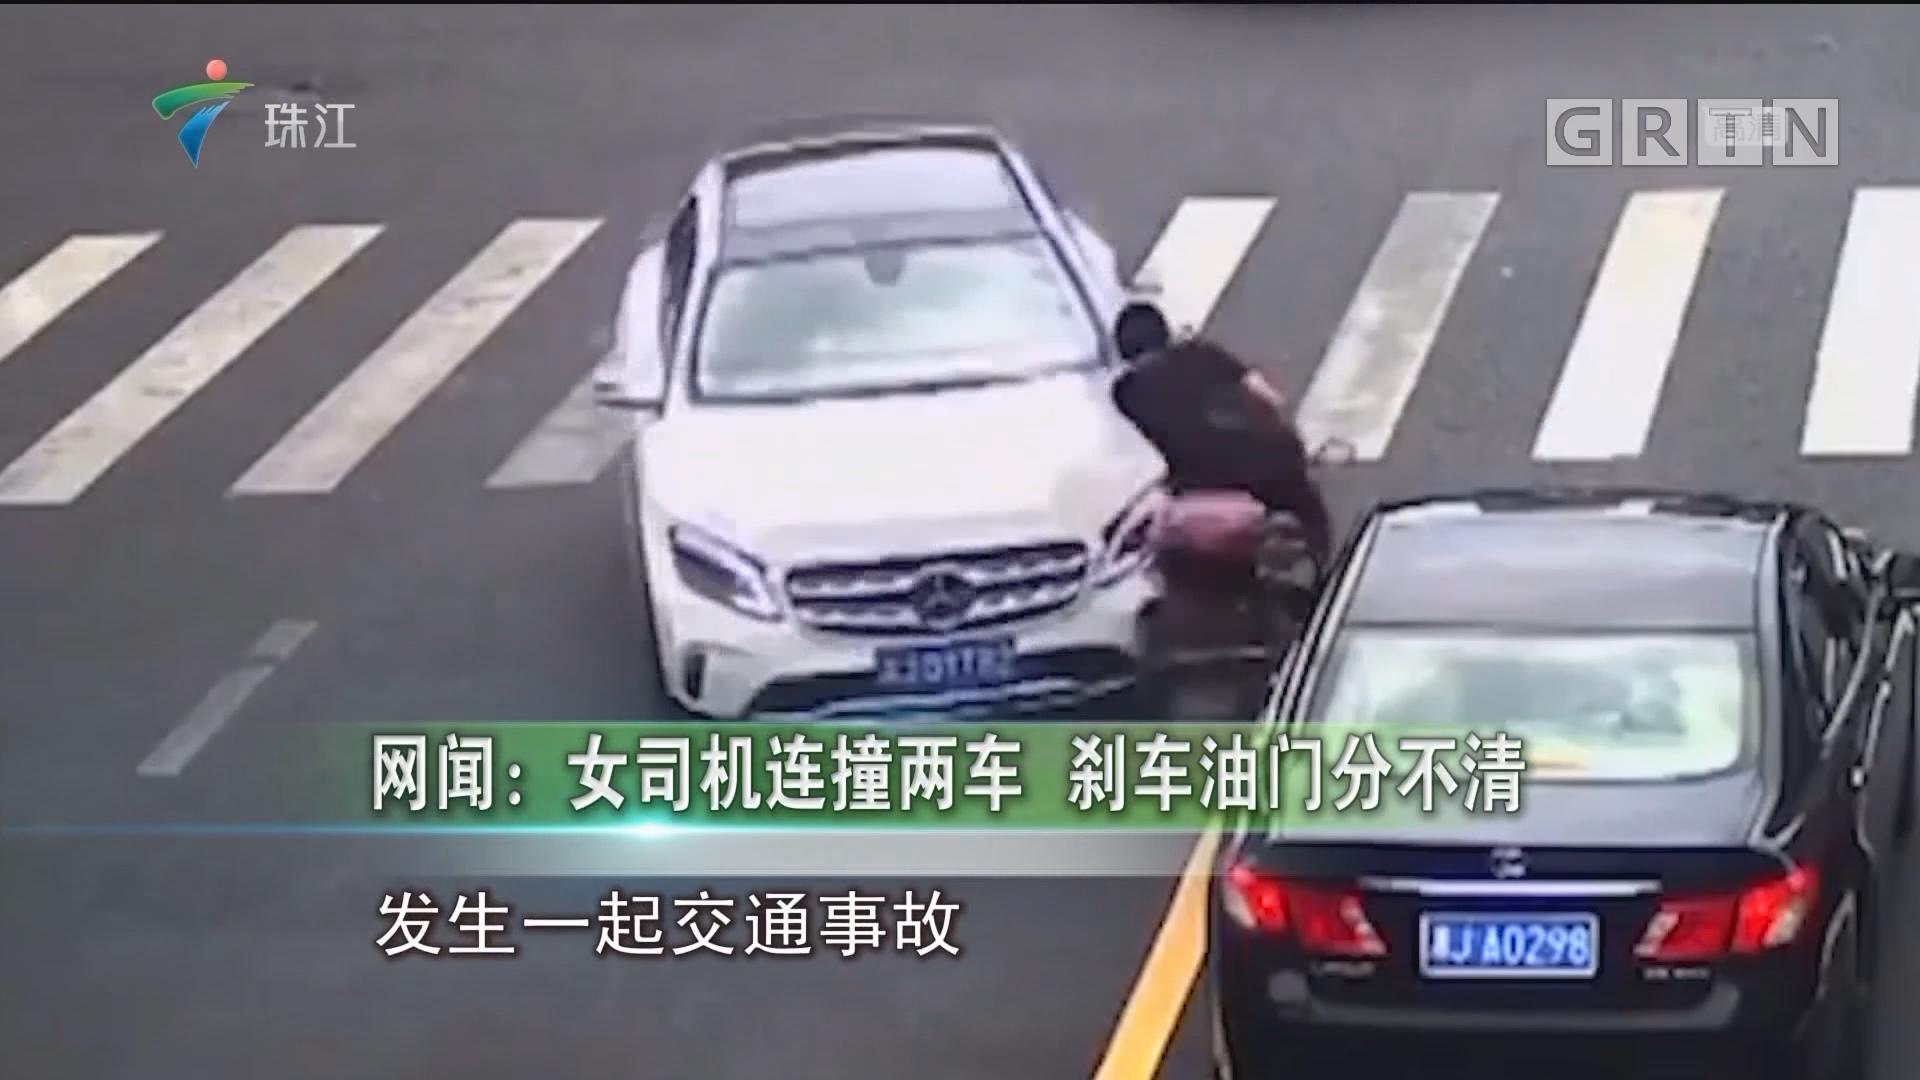 网闻:女司机连撞两车 刹车油门分不清